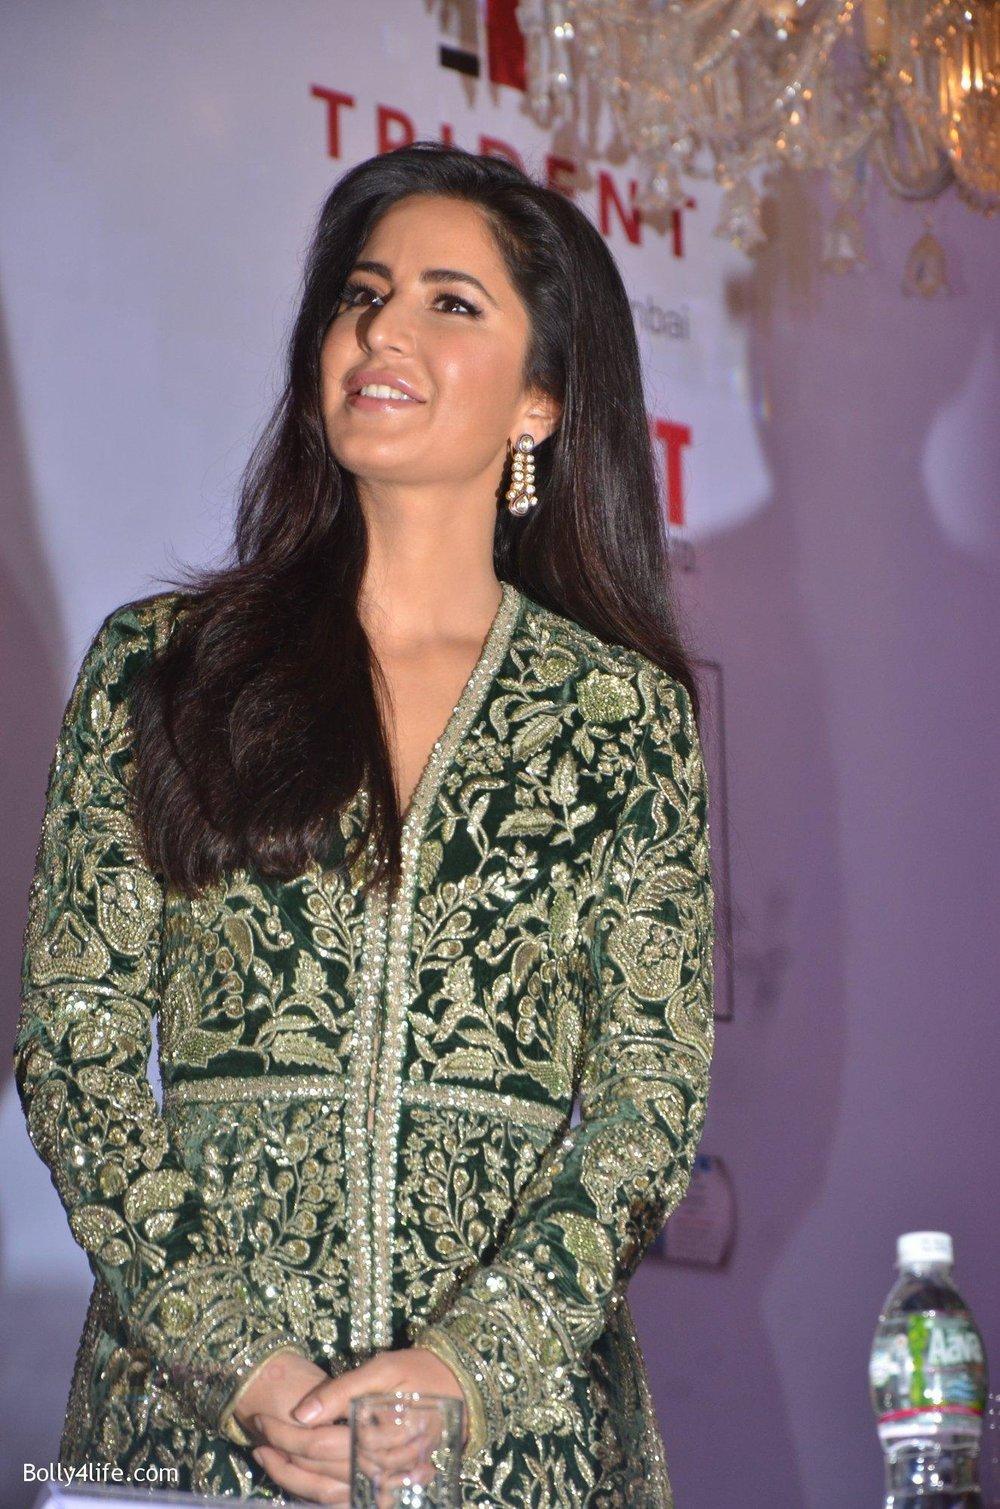 Katrina-Kaif-at-Priyadarshni-Award-on-19th-Set-2016-33.jpg